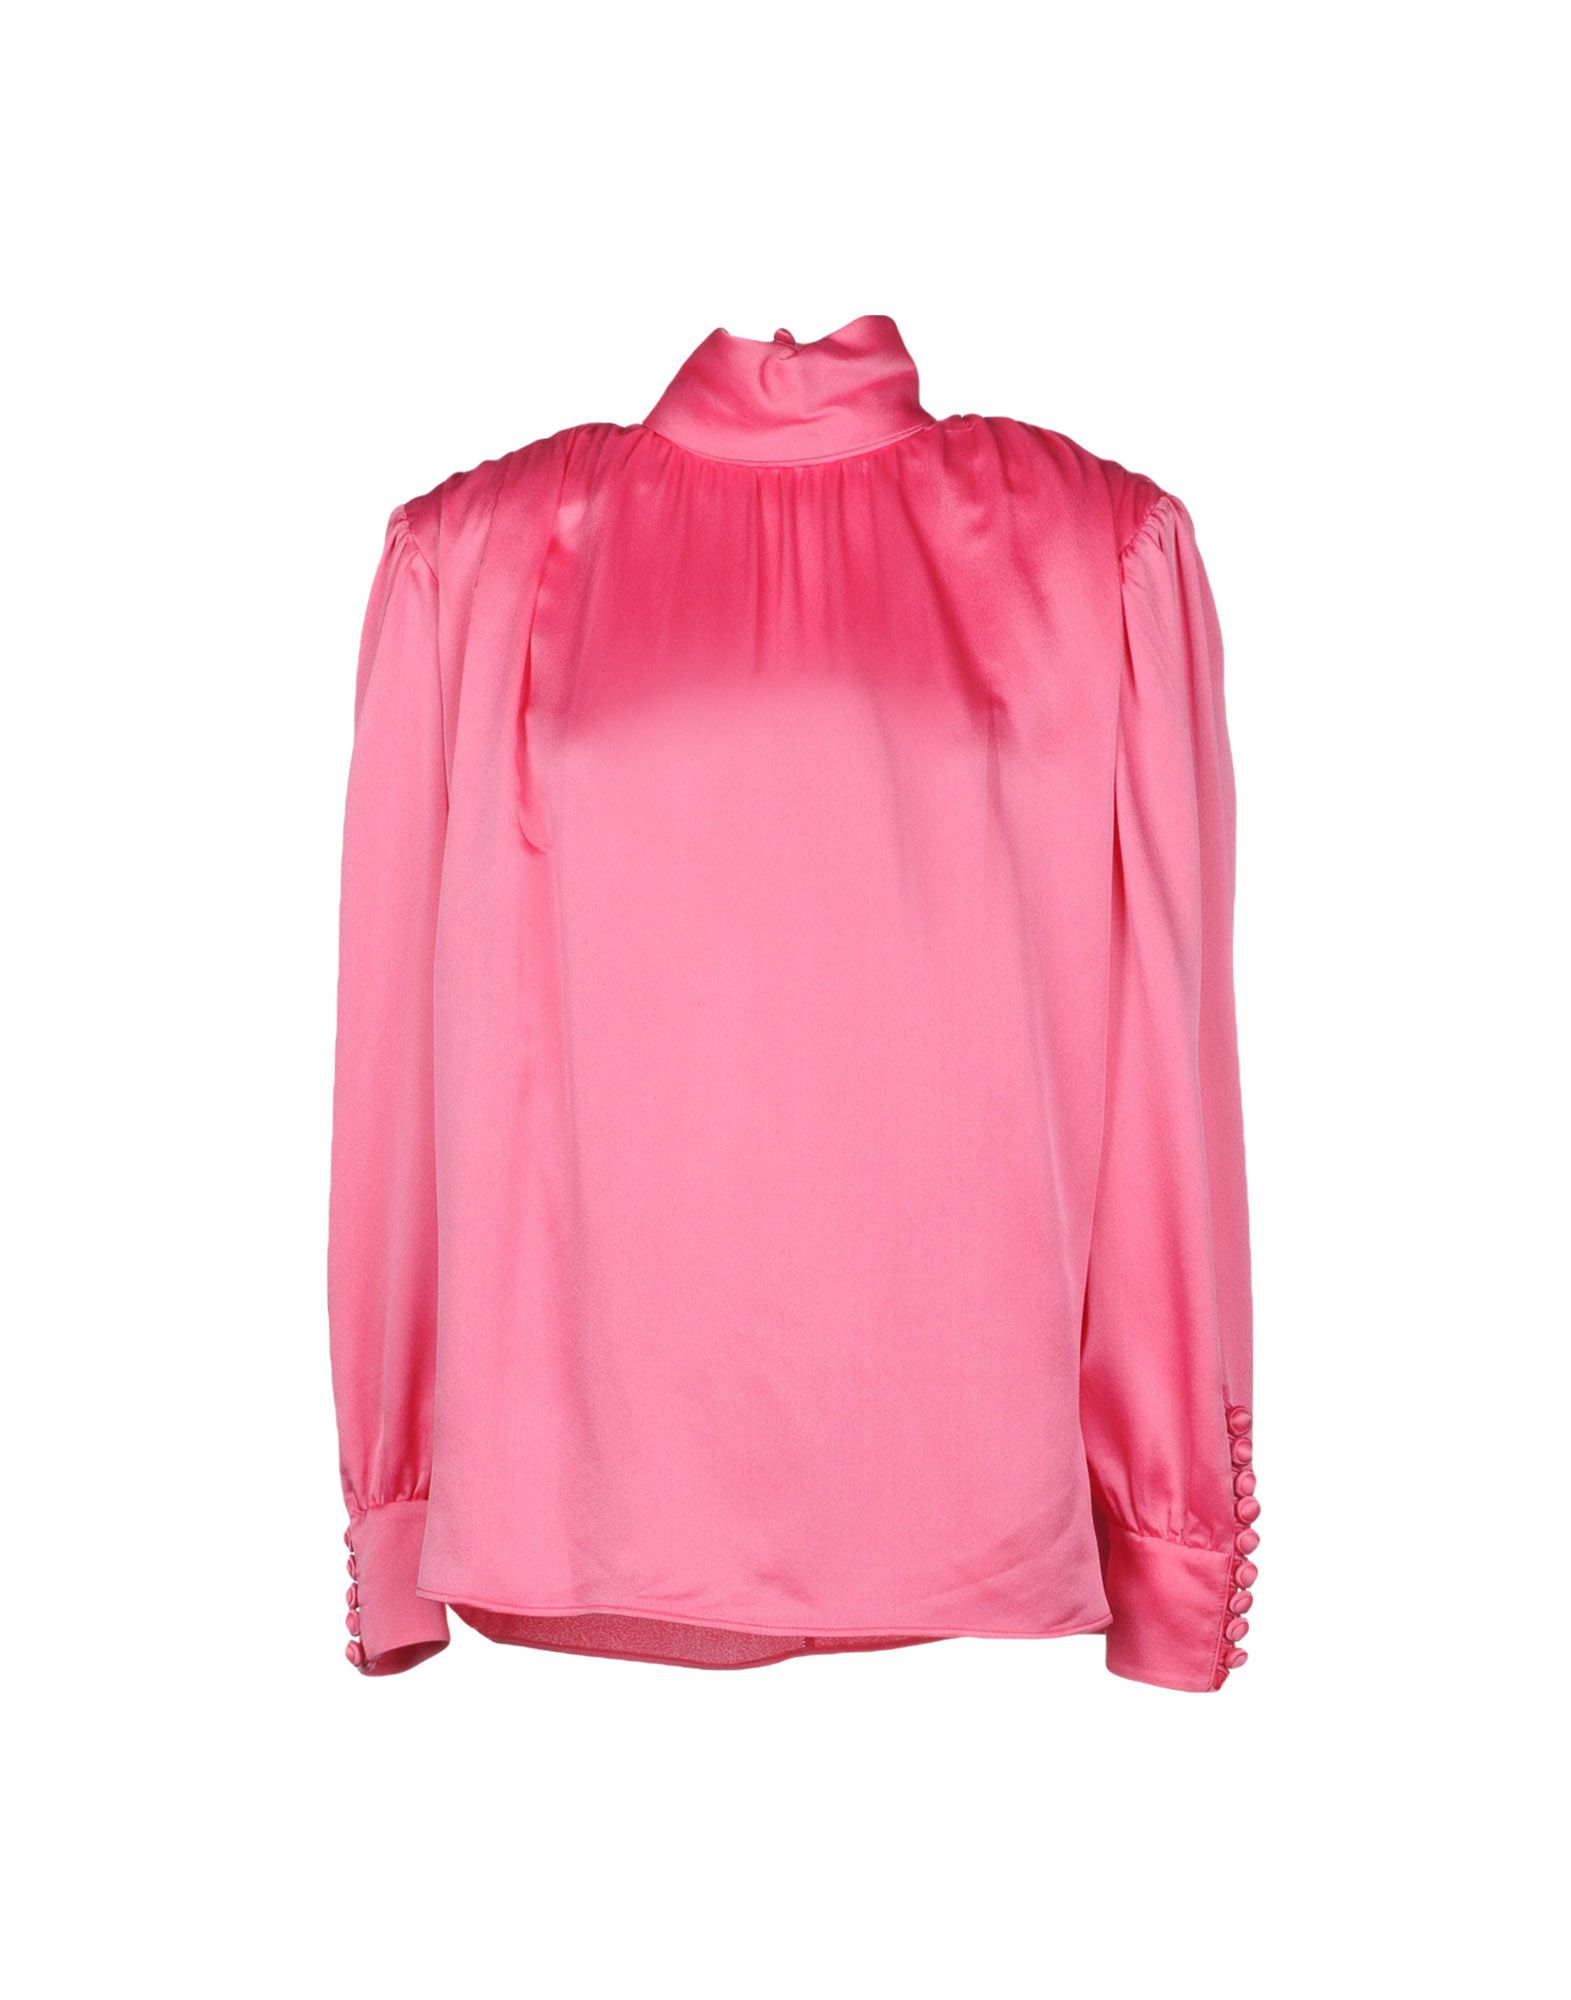 GUCCI Блузка gucci розовая блузка с бантом